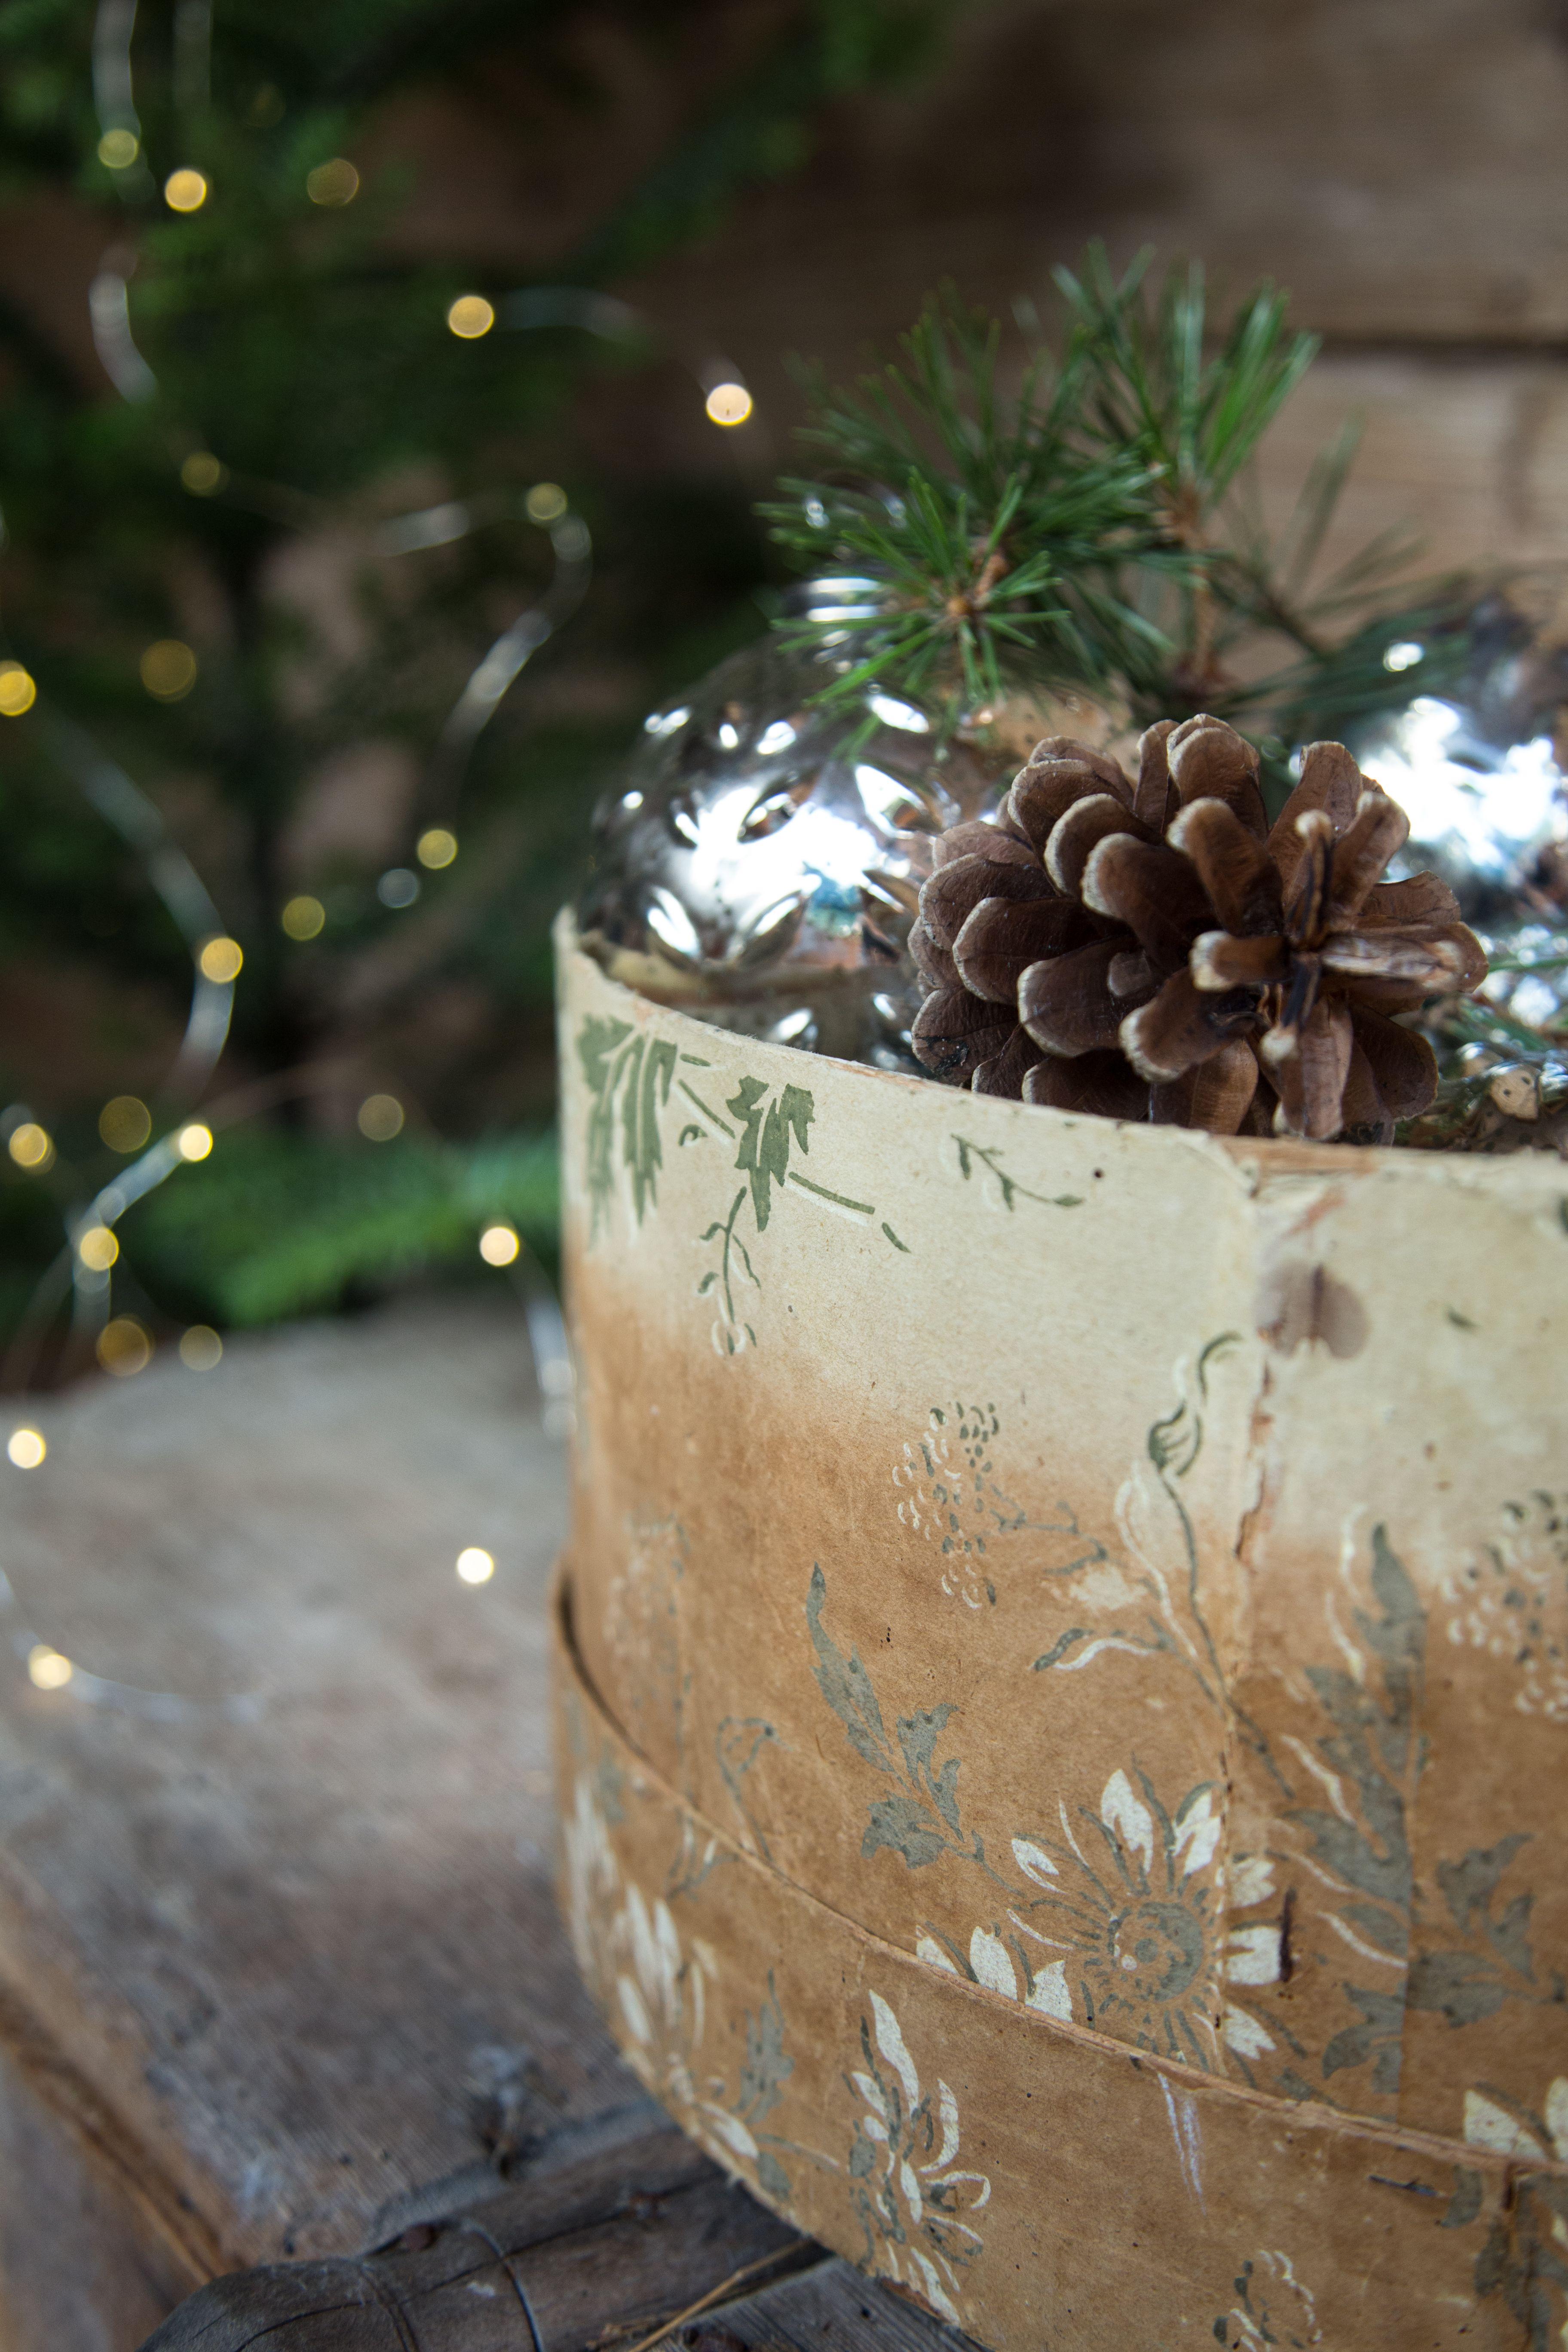 Bauernsilber Christbaumkugeln.Christbaumkugeln Aus Bauernsilber Weihnachten Vintage